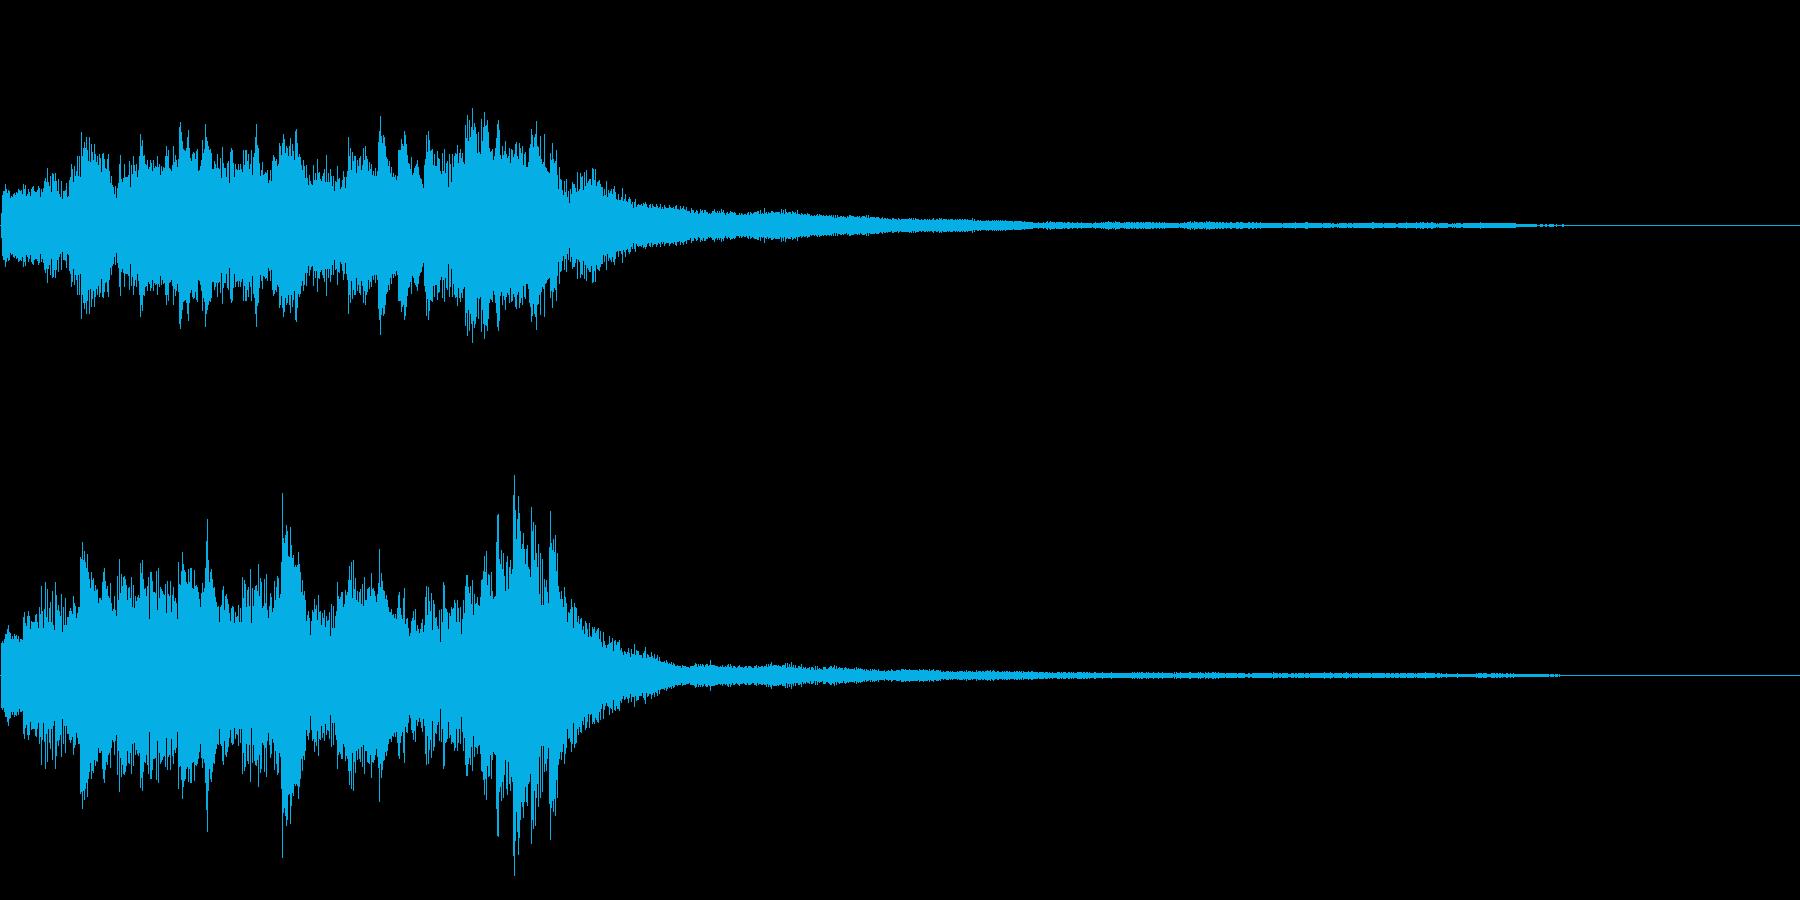 和風のジングル10-ピアノソロの再生済みの波形